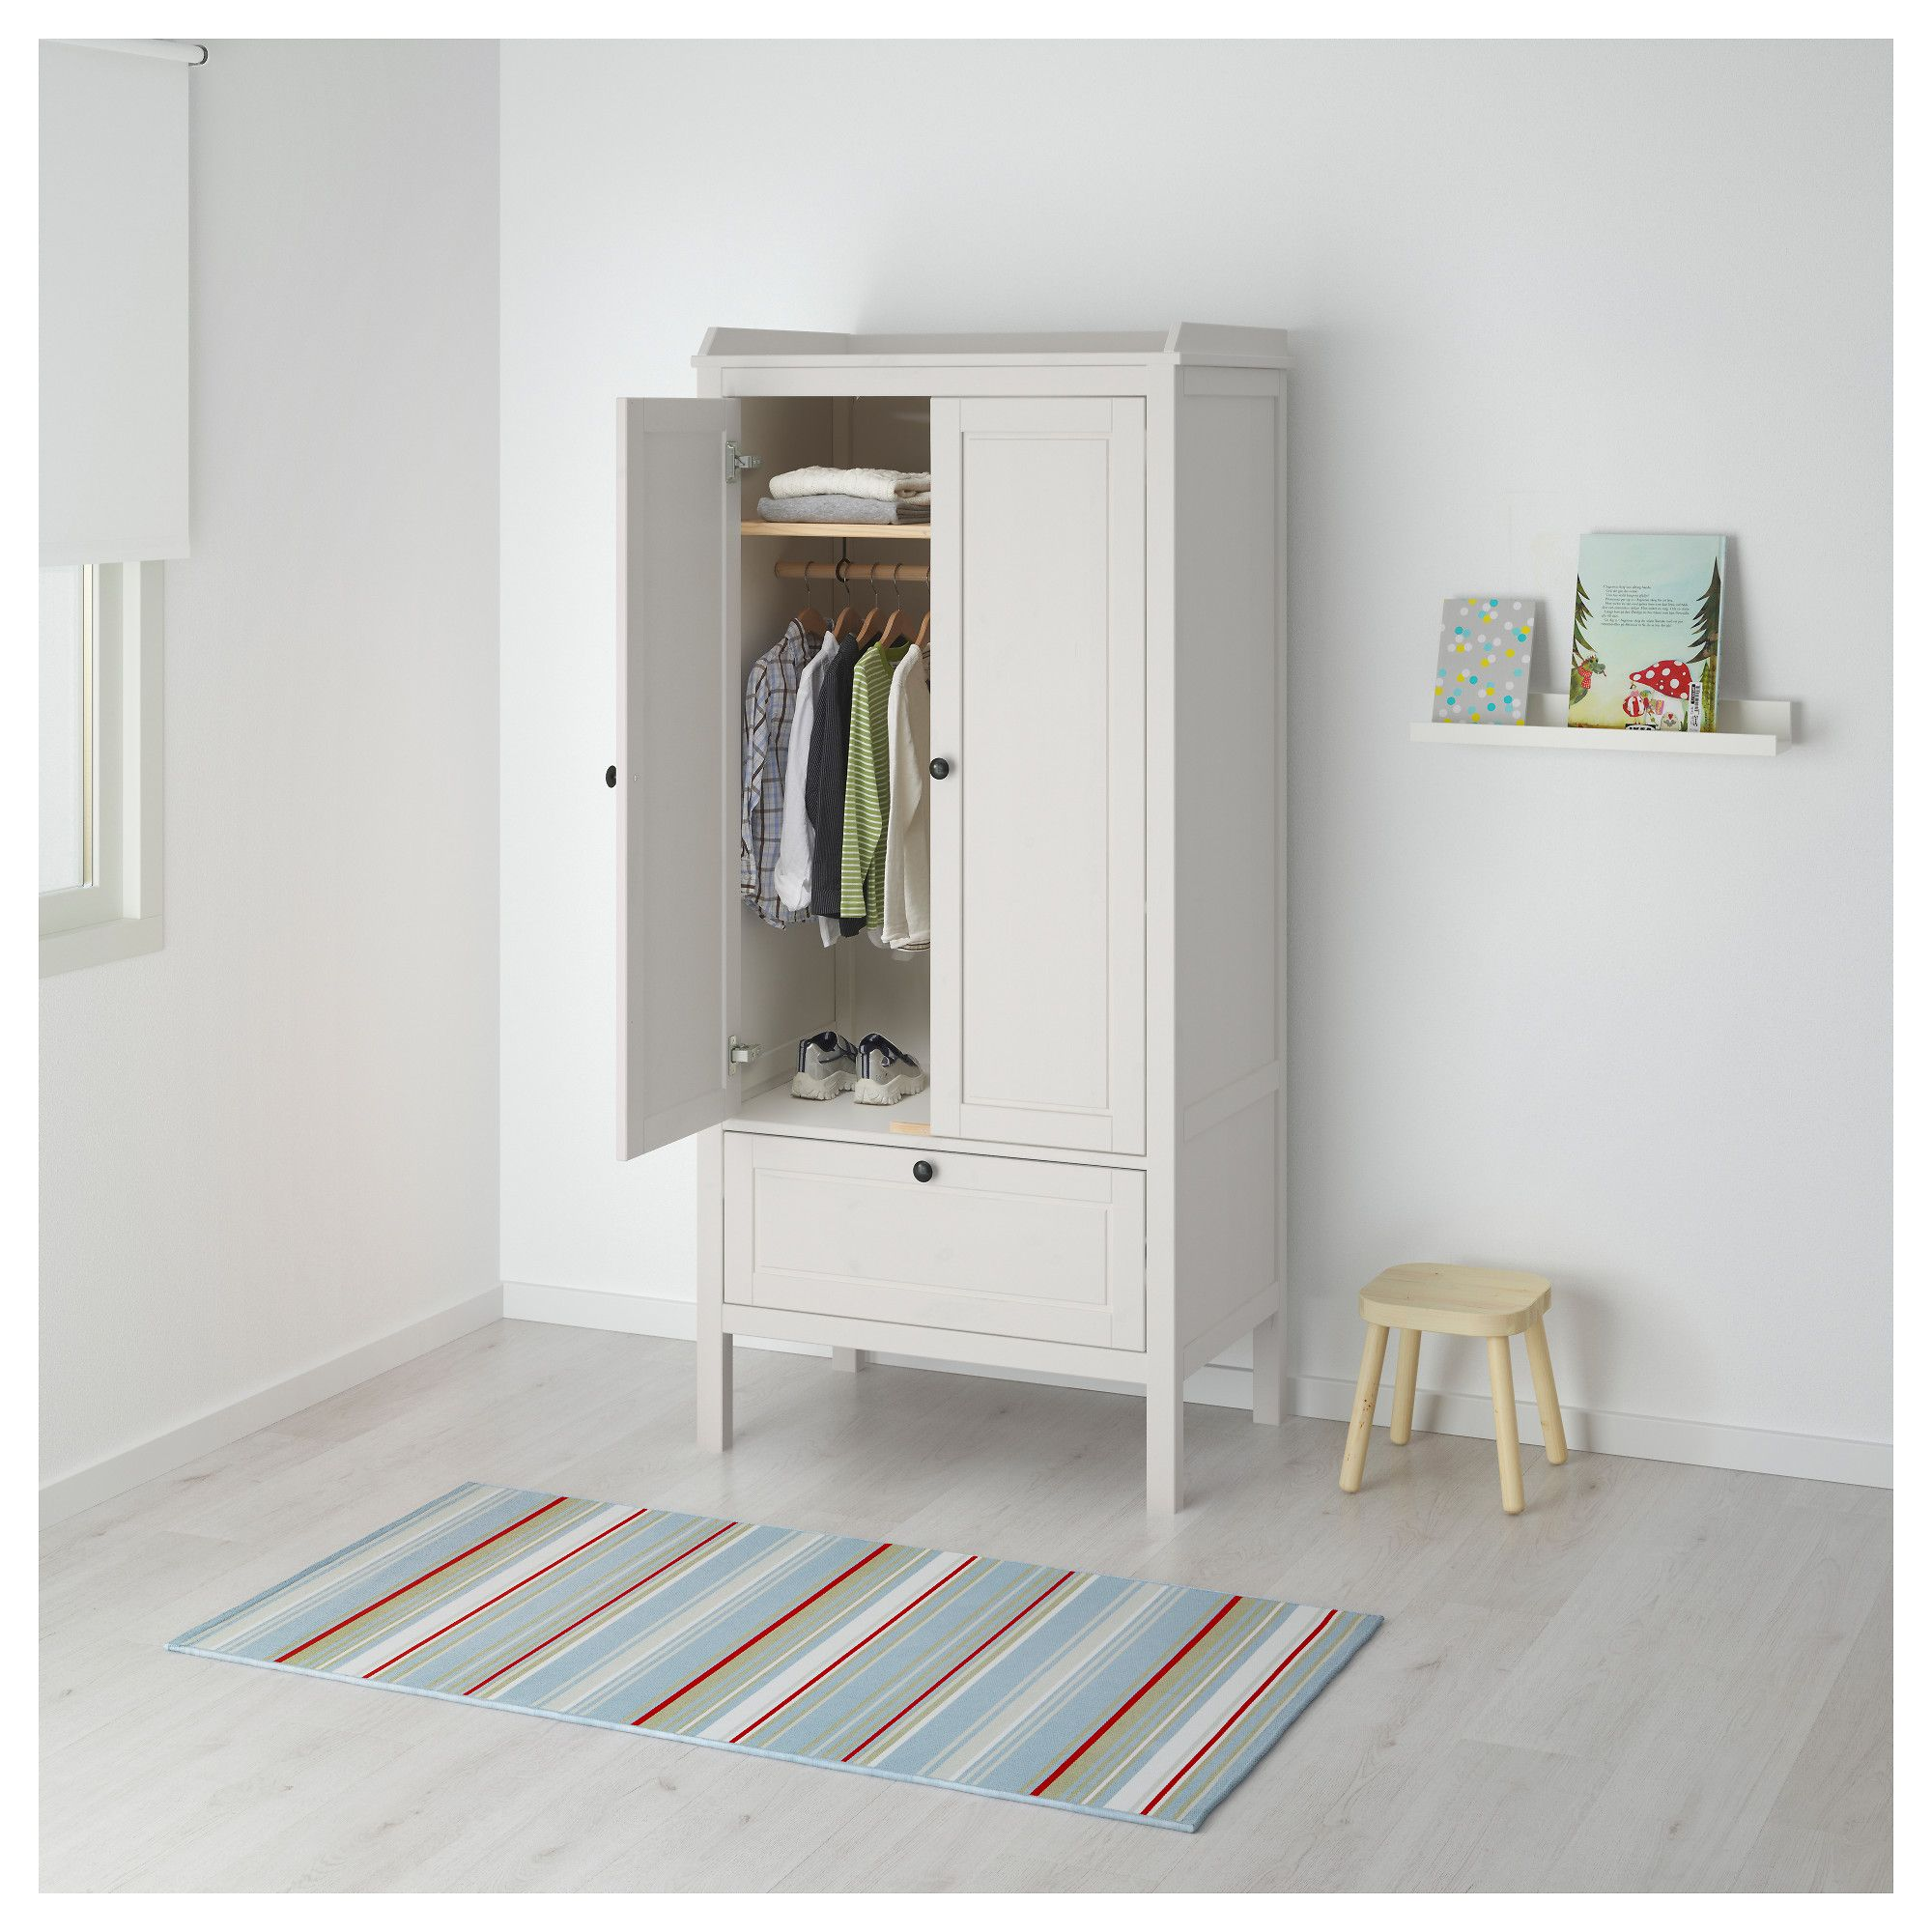 SUNDVIK Wardrobe White 80x50x171 cm